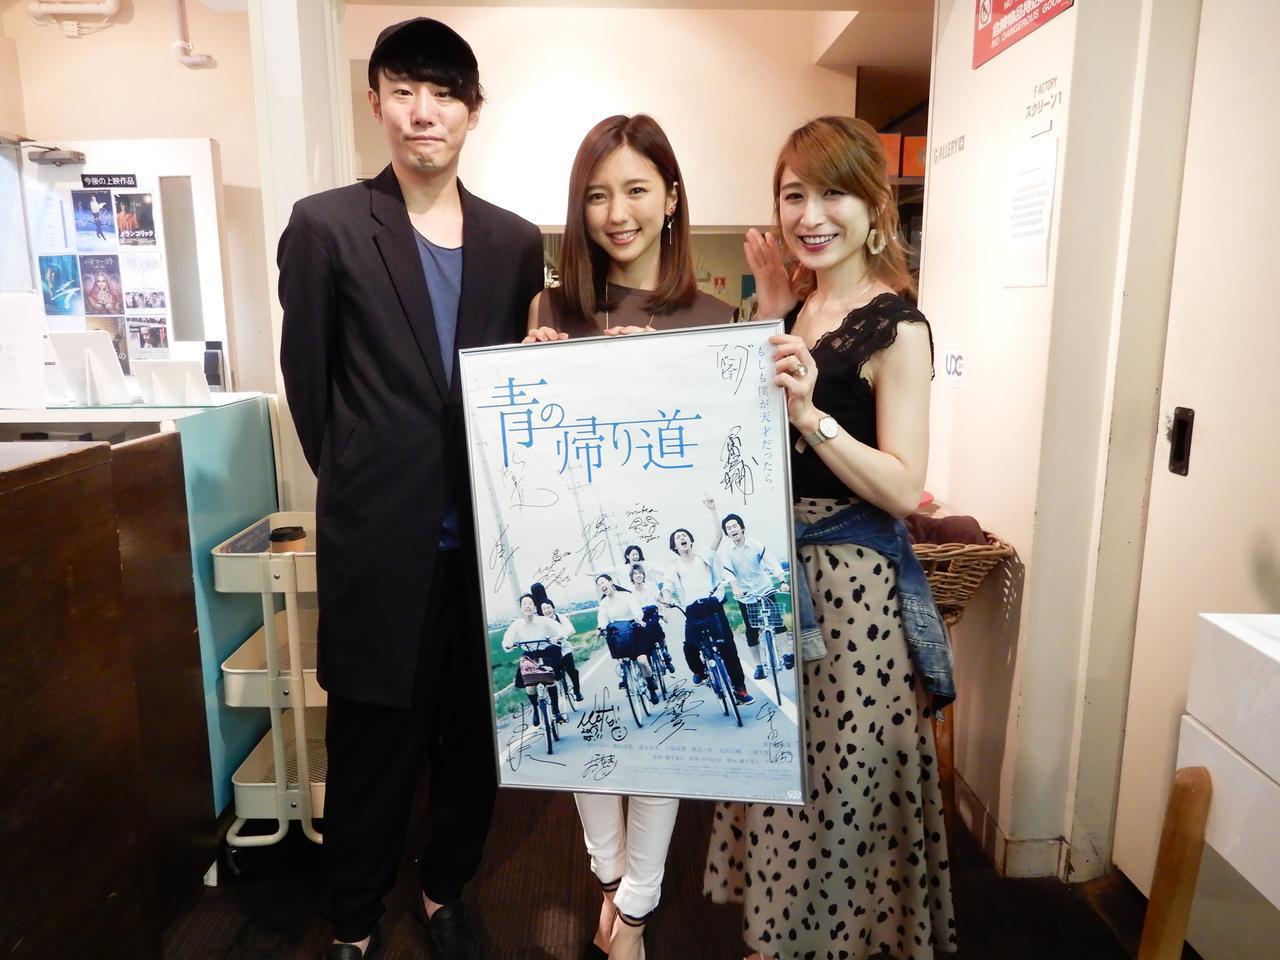 画像: 左から藤井道人監督、真野恵里菜さん、岡本麻里さん